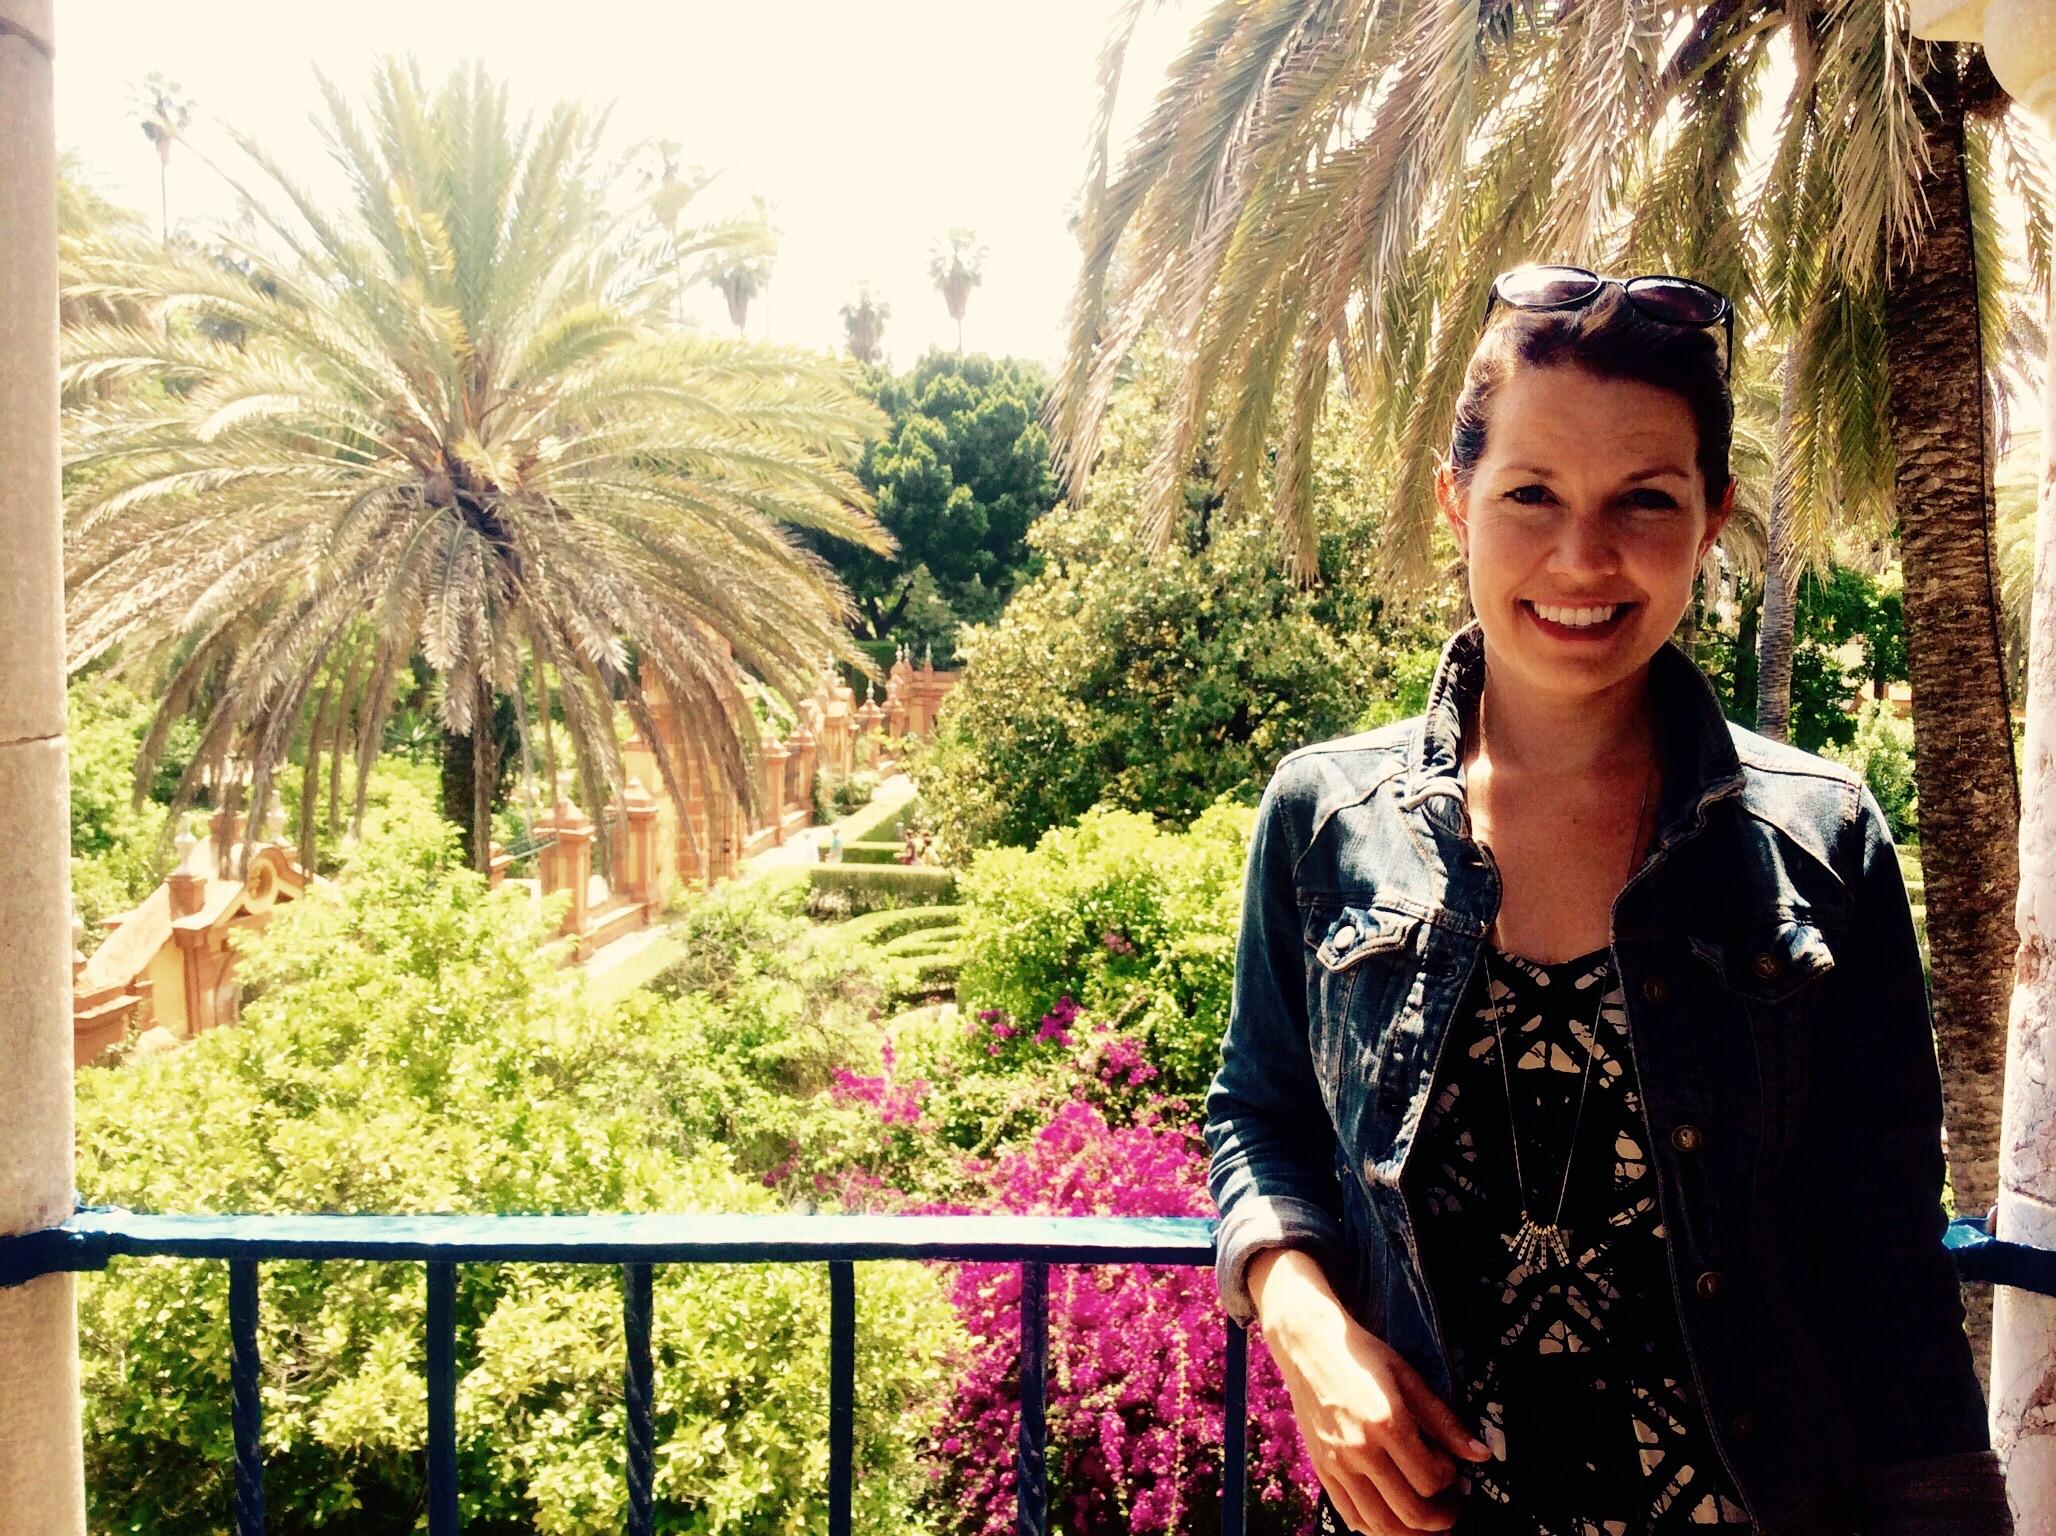 Enjoying the royal palace in Sevilla